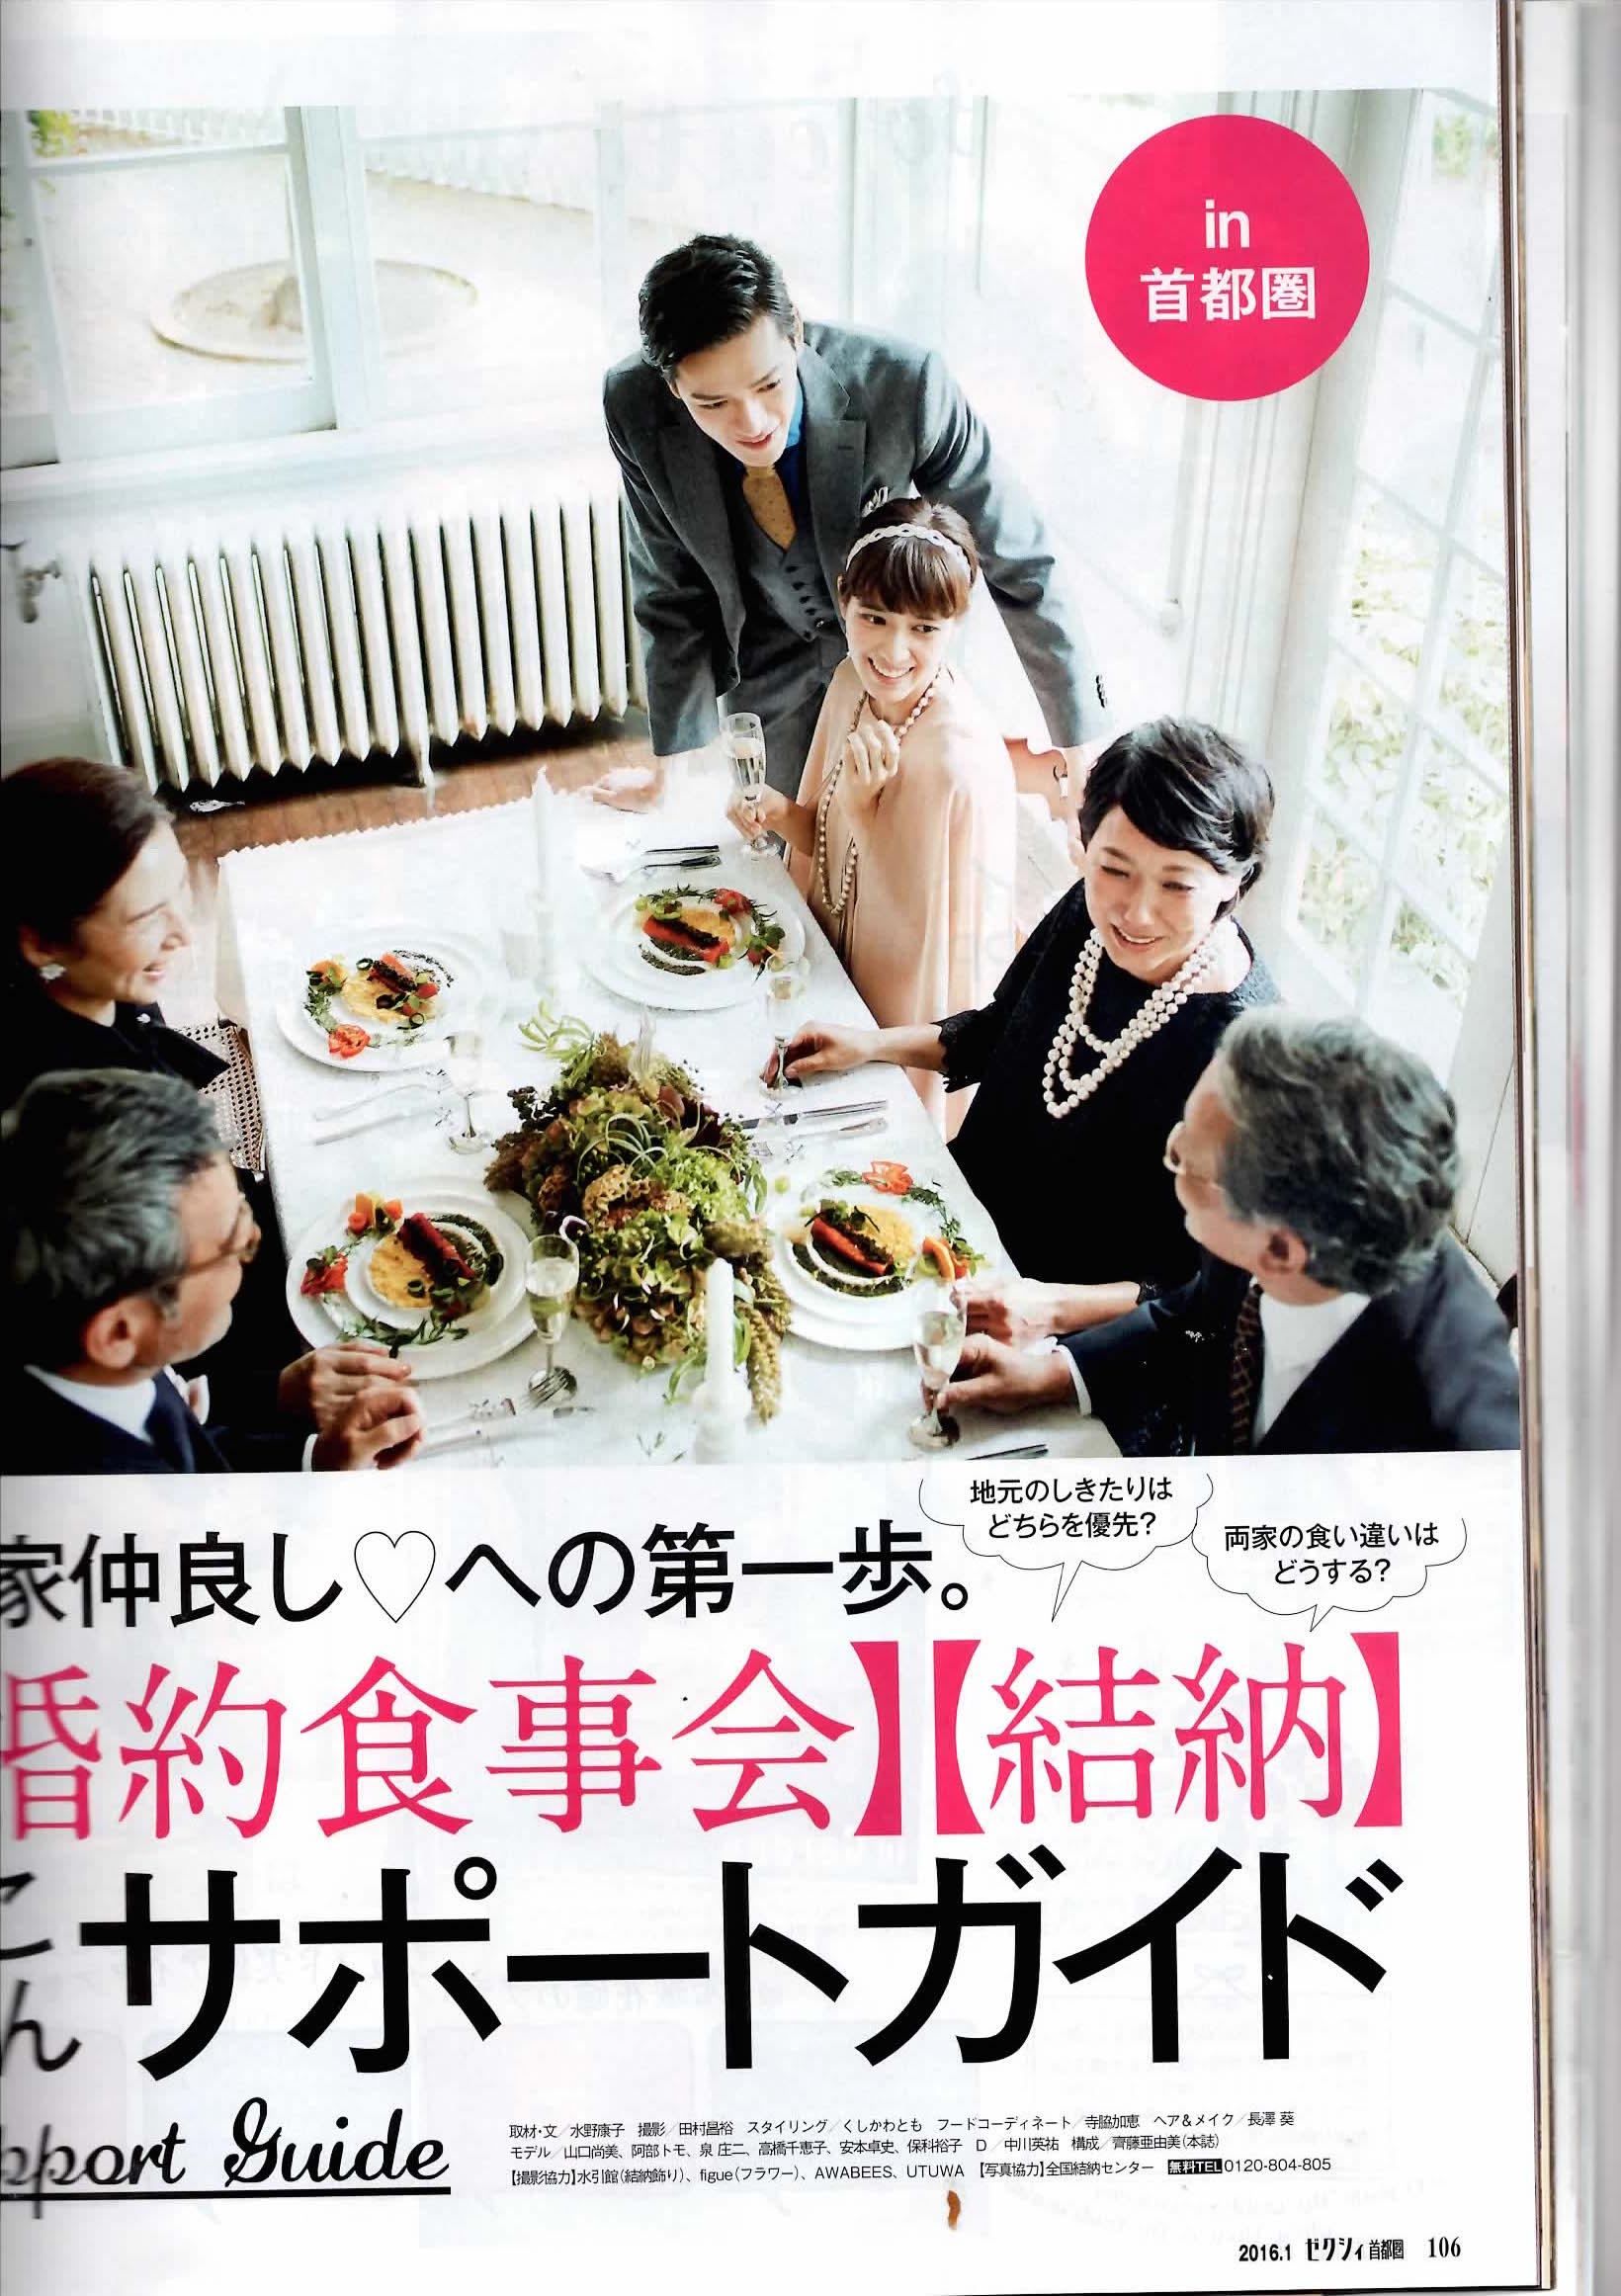 結婚情報誌「ゼクシィ」フードコーディネート